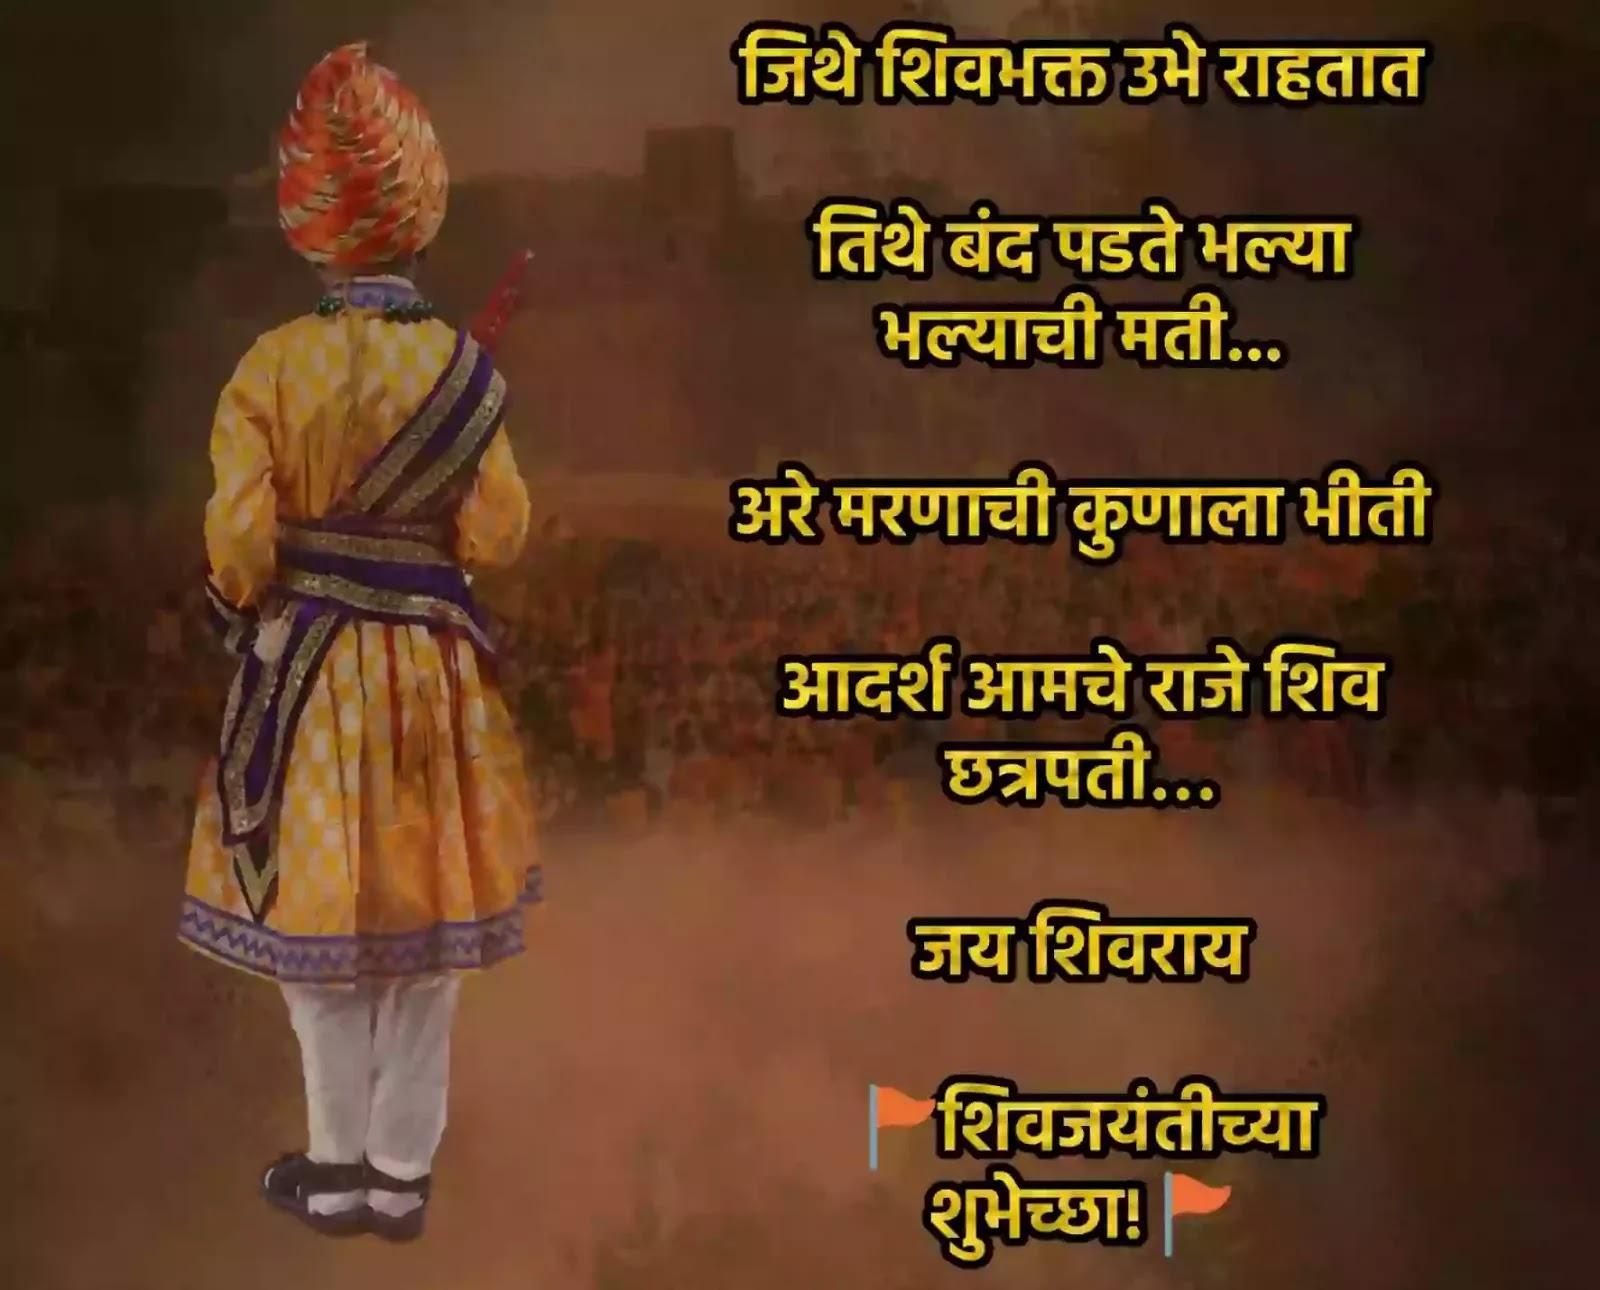 Shiv jayanti Banner